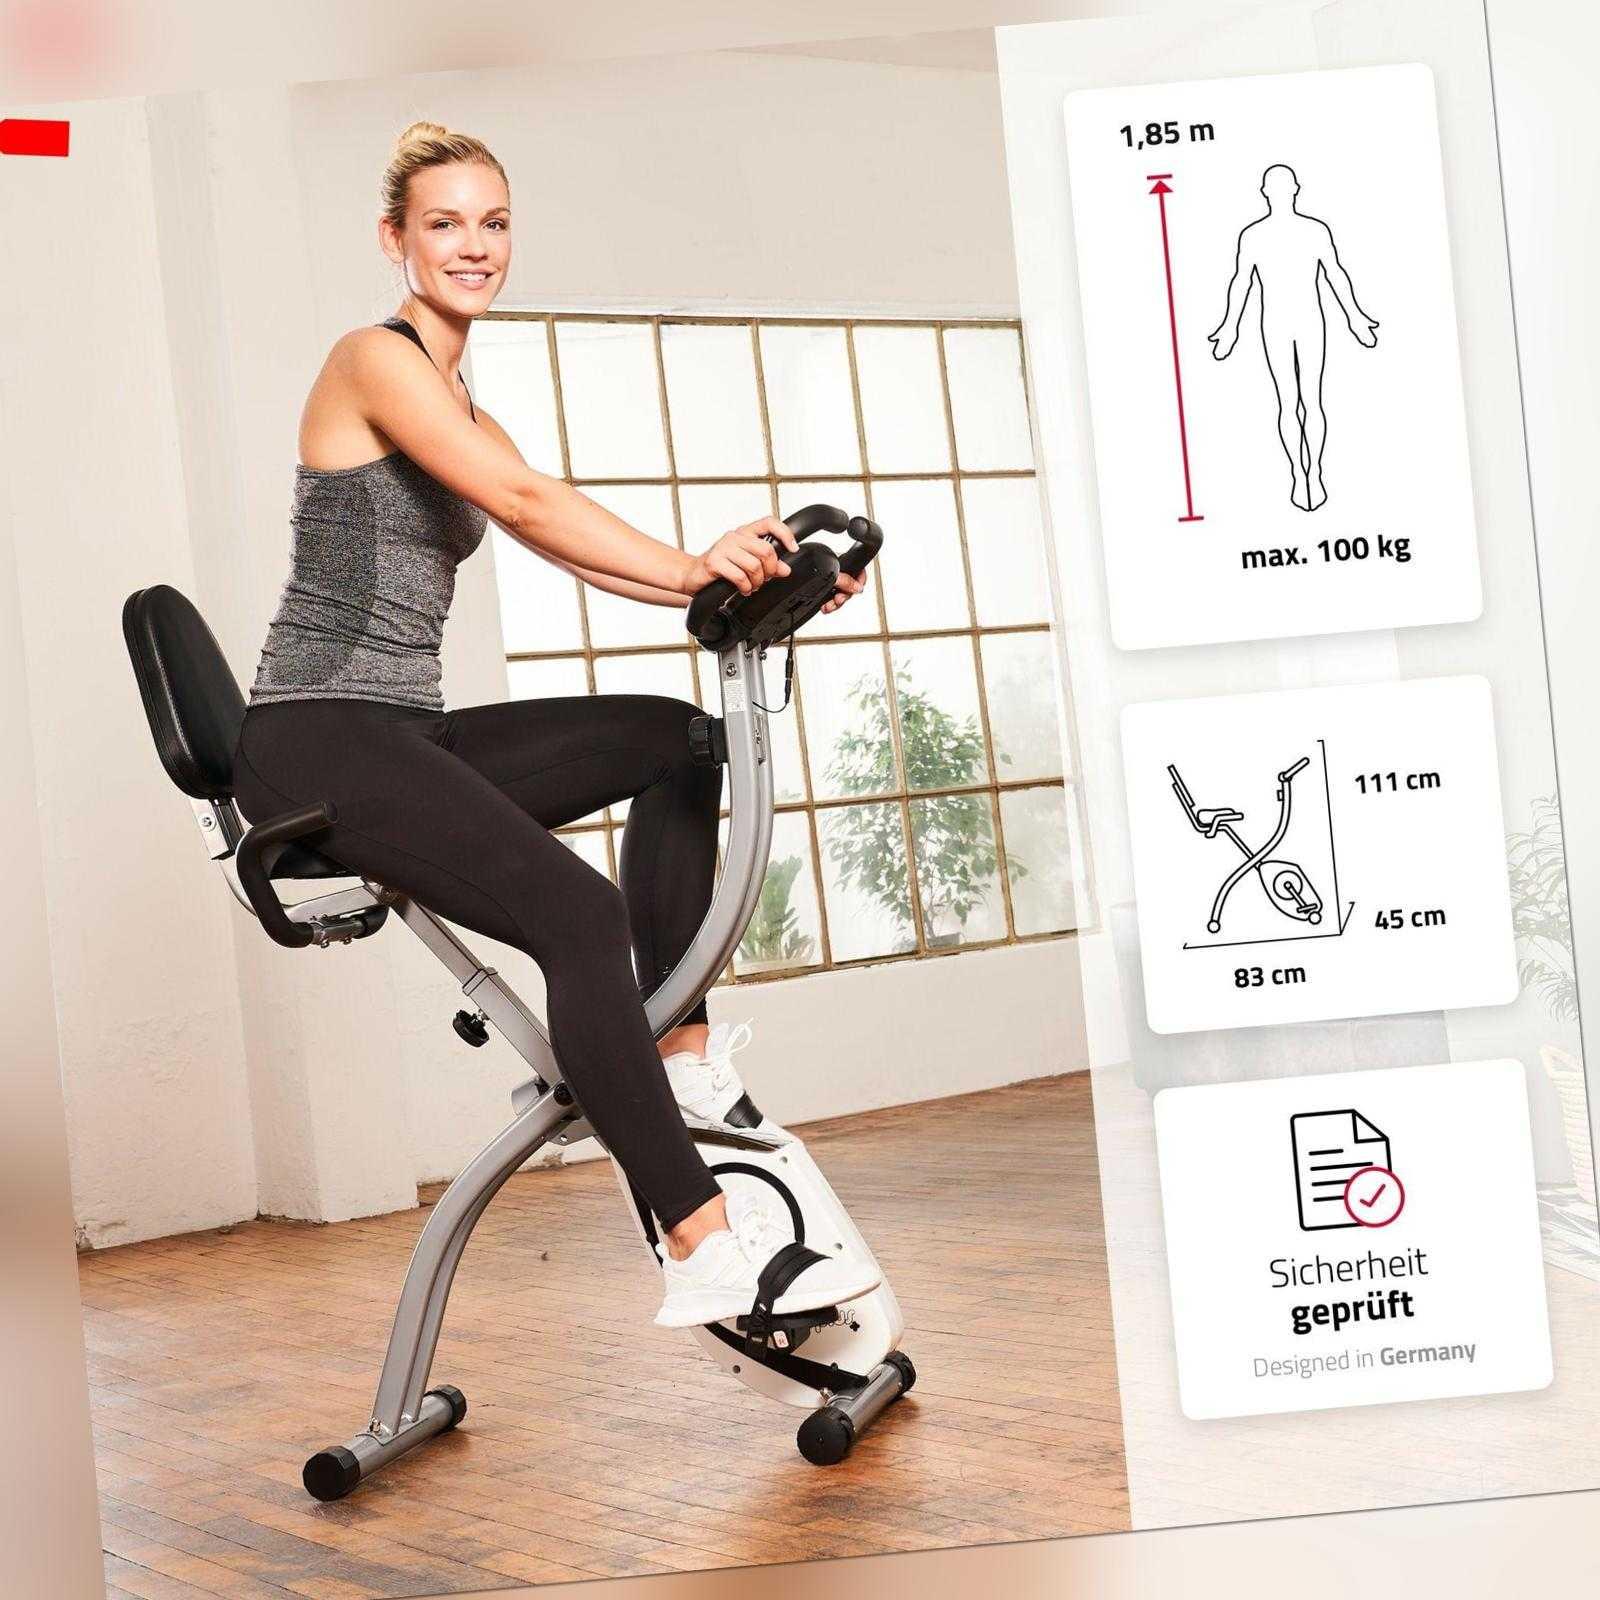 SportPlus X-Bike Fitnessbike Heimtrainer Trimmrad klappbar Ergometer Indoor Bike